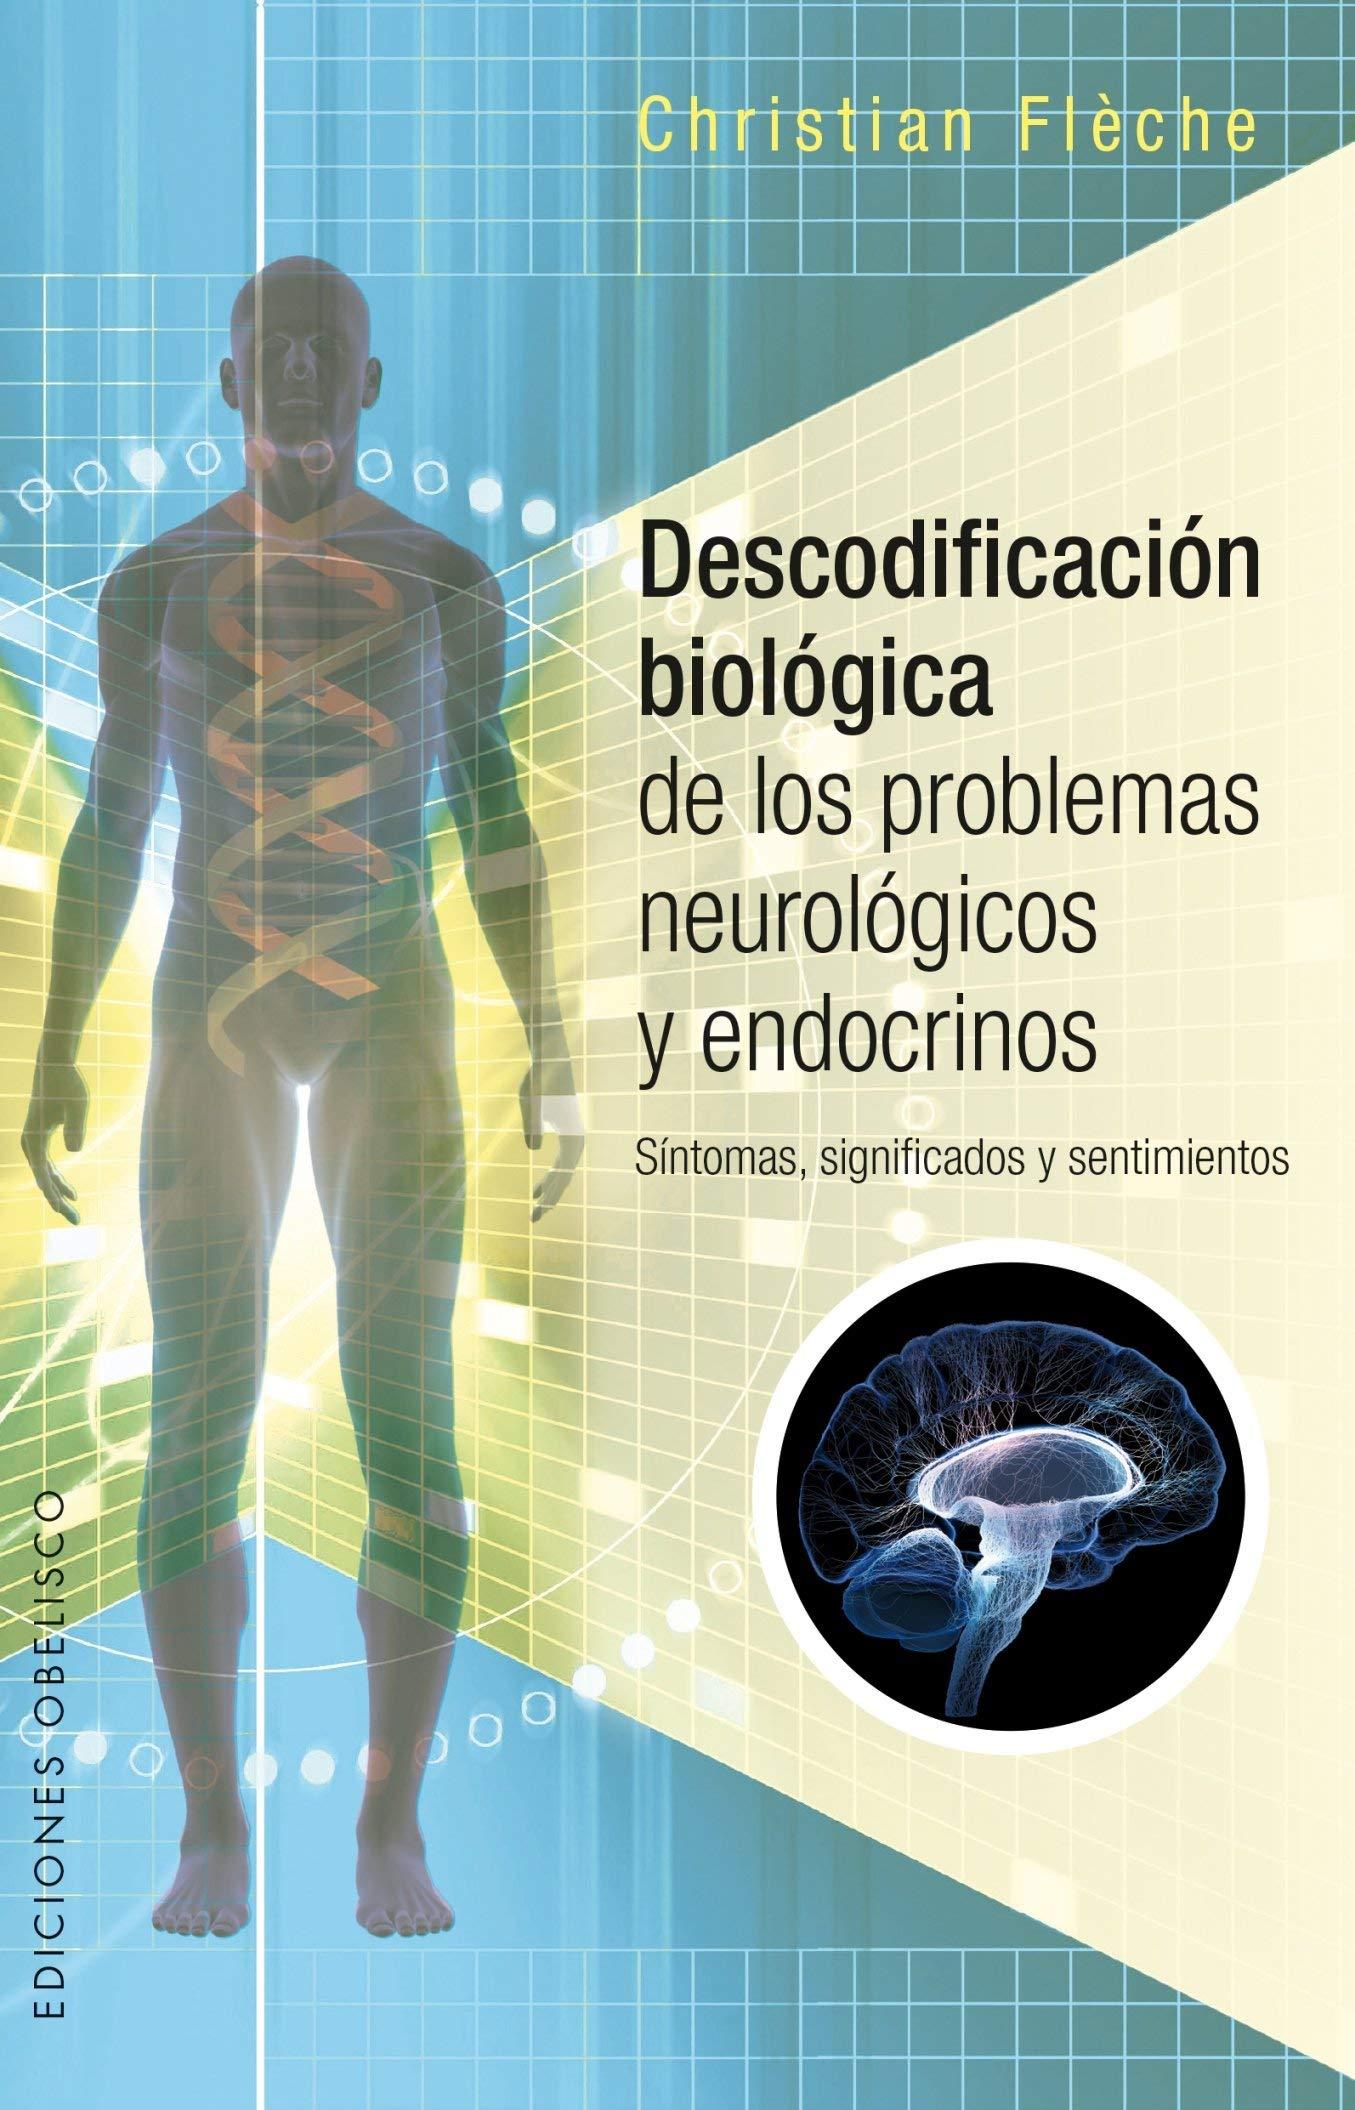 Descodificación Biológica De Los Problemas Neurológicos Y Endocrinos Salud Y Vida Natural Spanish Edition Flèche Christian Tomás Ramos Paca 9788491112457 Books